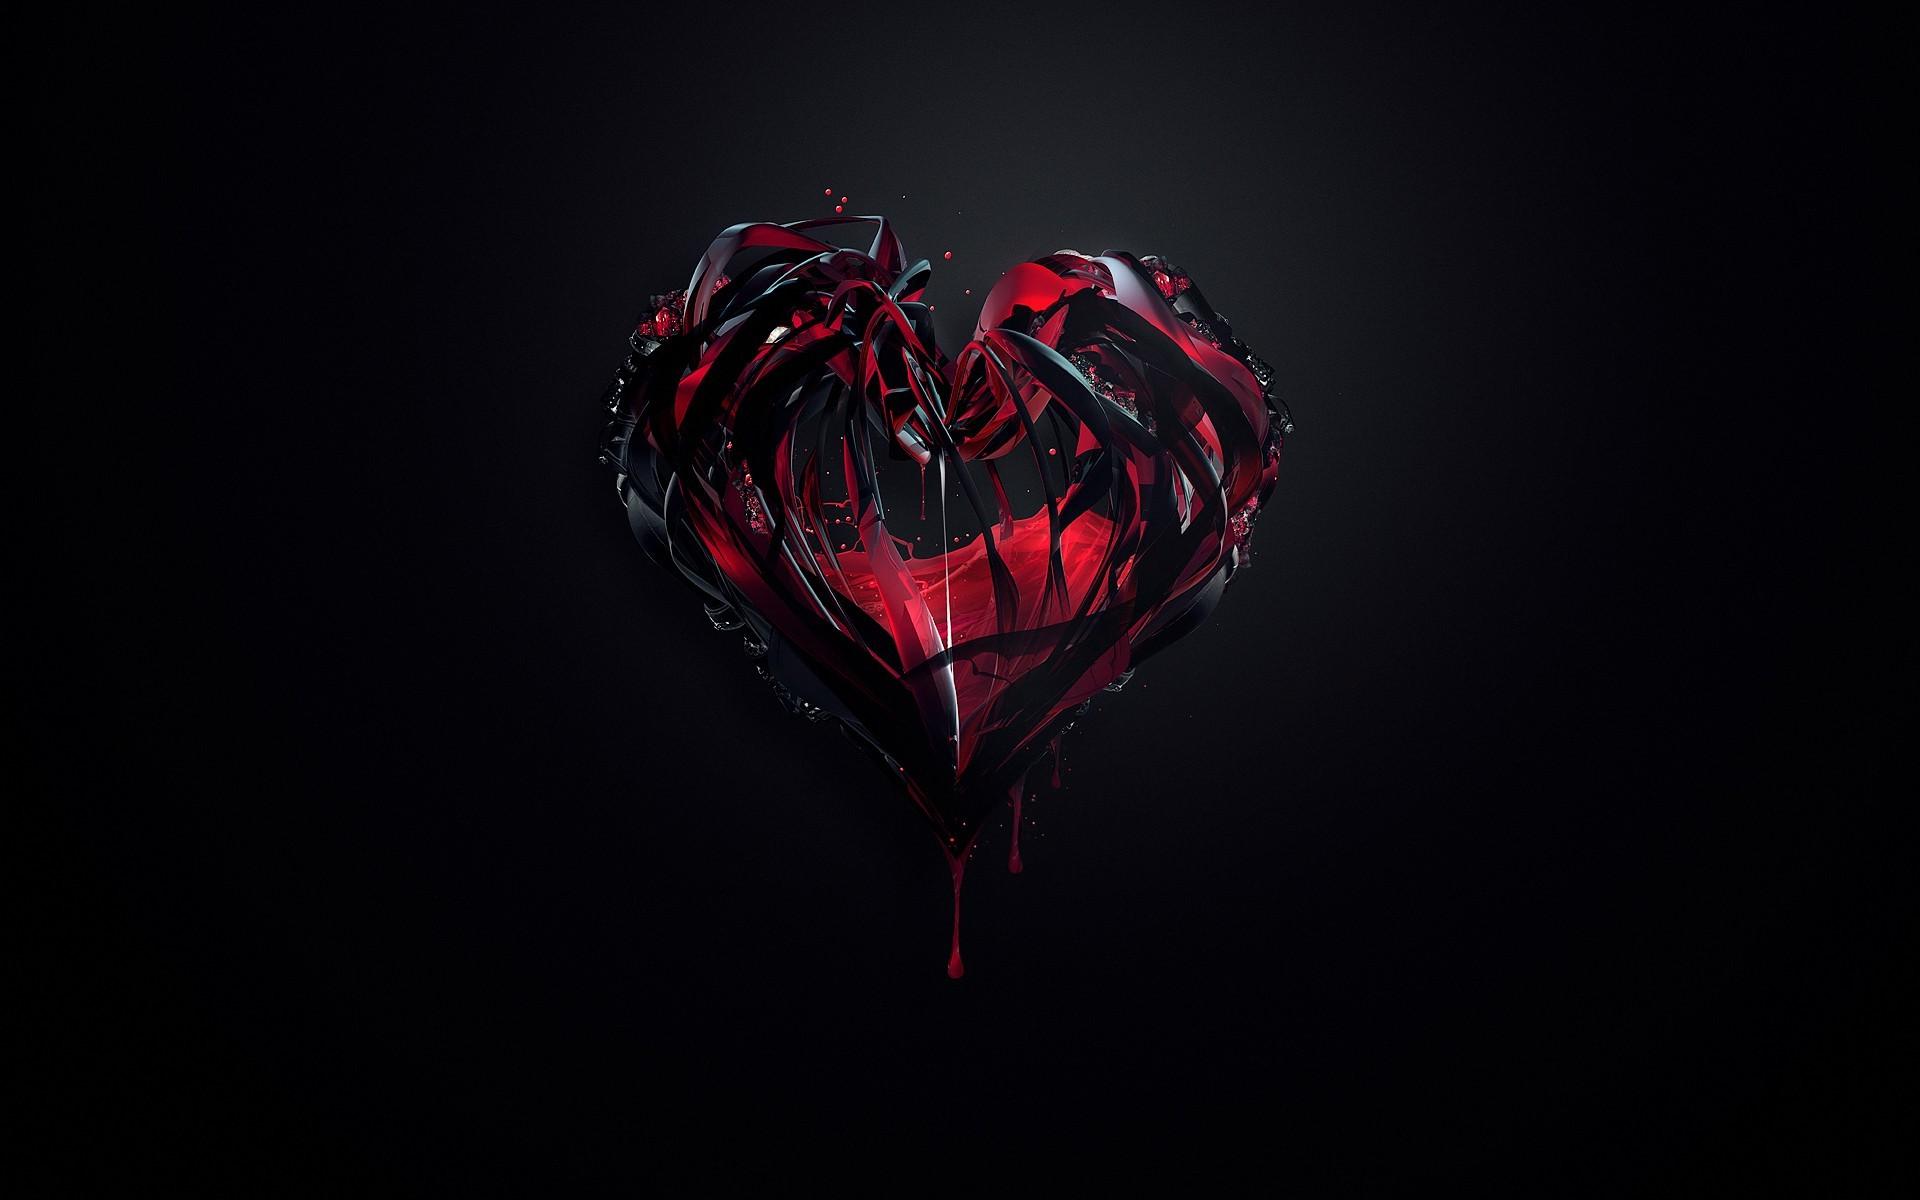 fond d u0026 39  u00e9cran   art num u00e9rique  fond simple  fonc u00e9  anime  abstrait  amour  c u0153ur  rouge  du sang